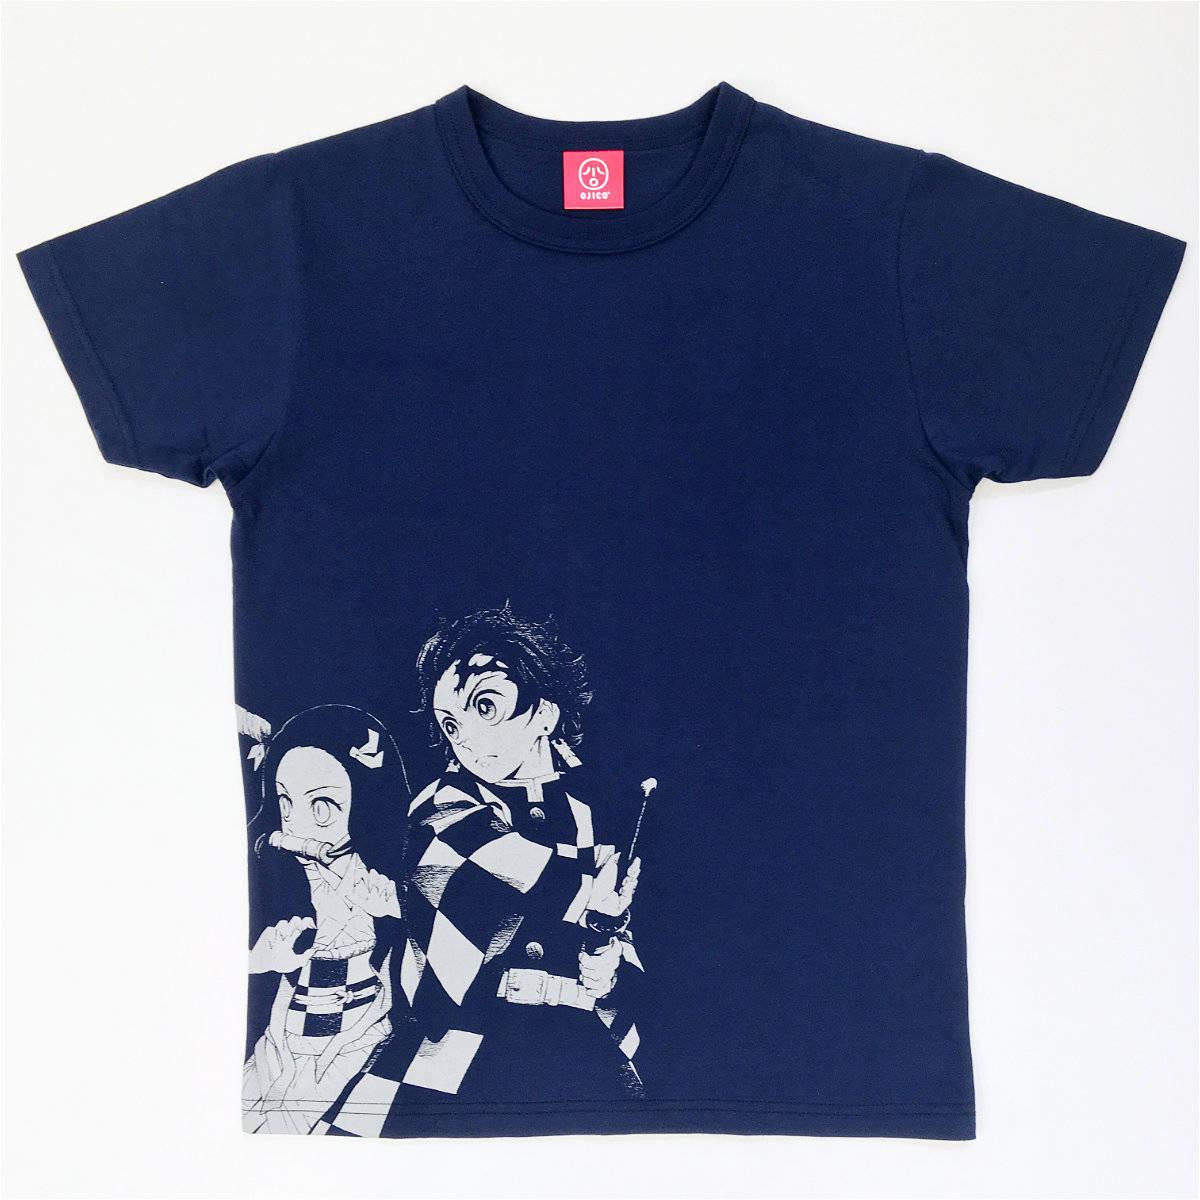 『鬼滅の刃』コラボTシャツ発売決定! 炭治郎や伊之助がデザインされたオシャレアイテム♪